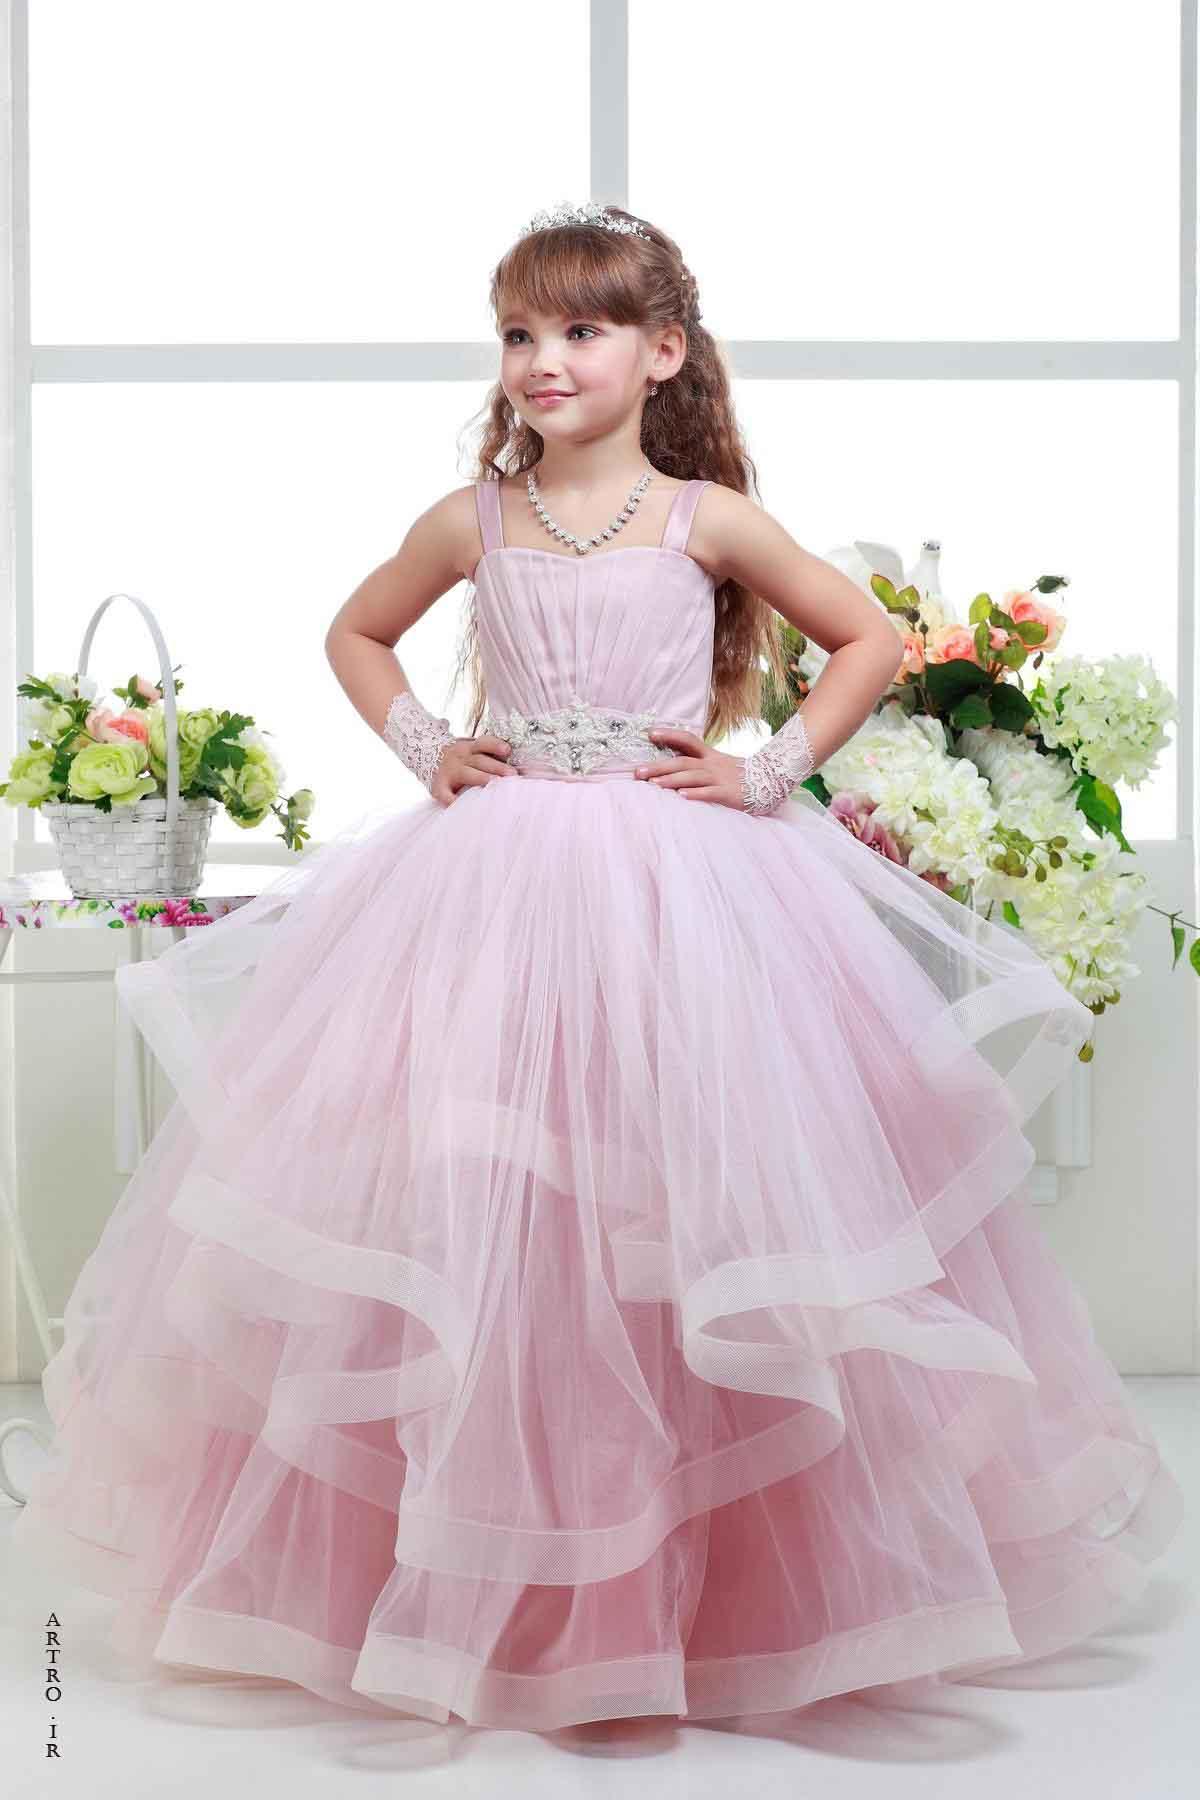 بیست مدل لباس عروس و مجلسی بچه گانه 2019